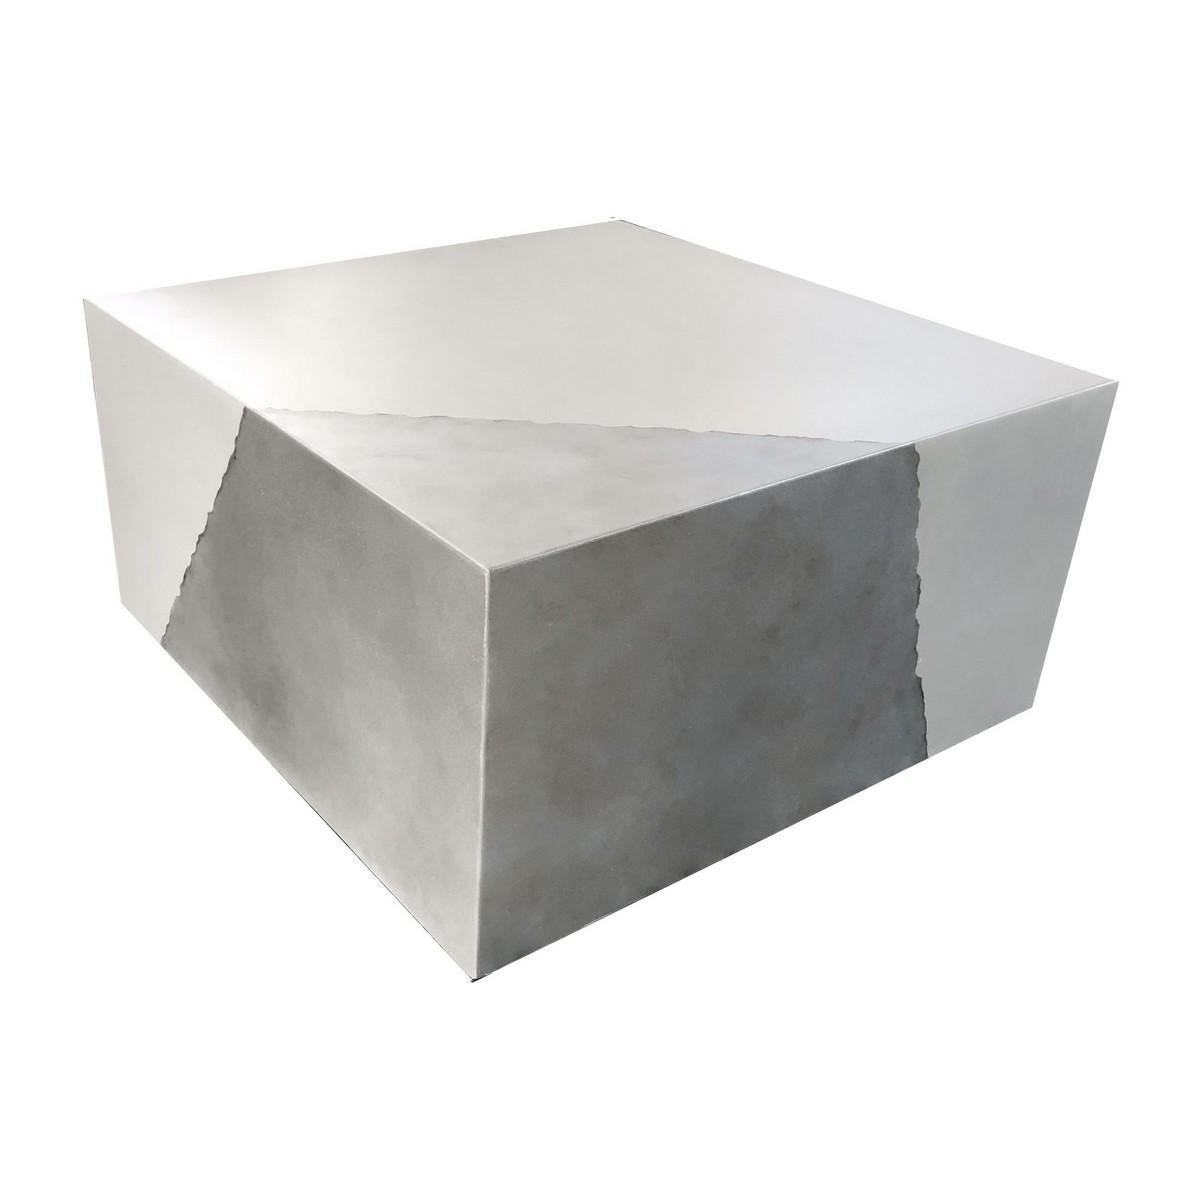 maison du monde Table basse béton blanc et argent